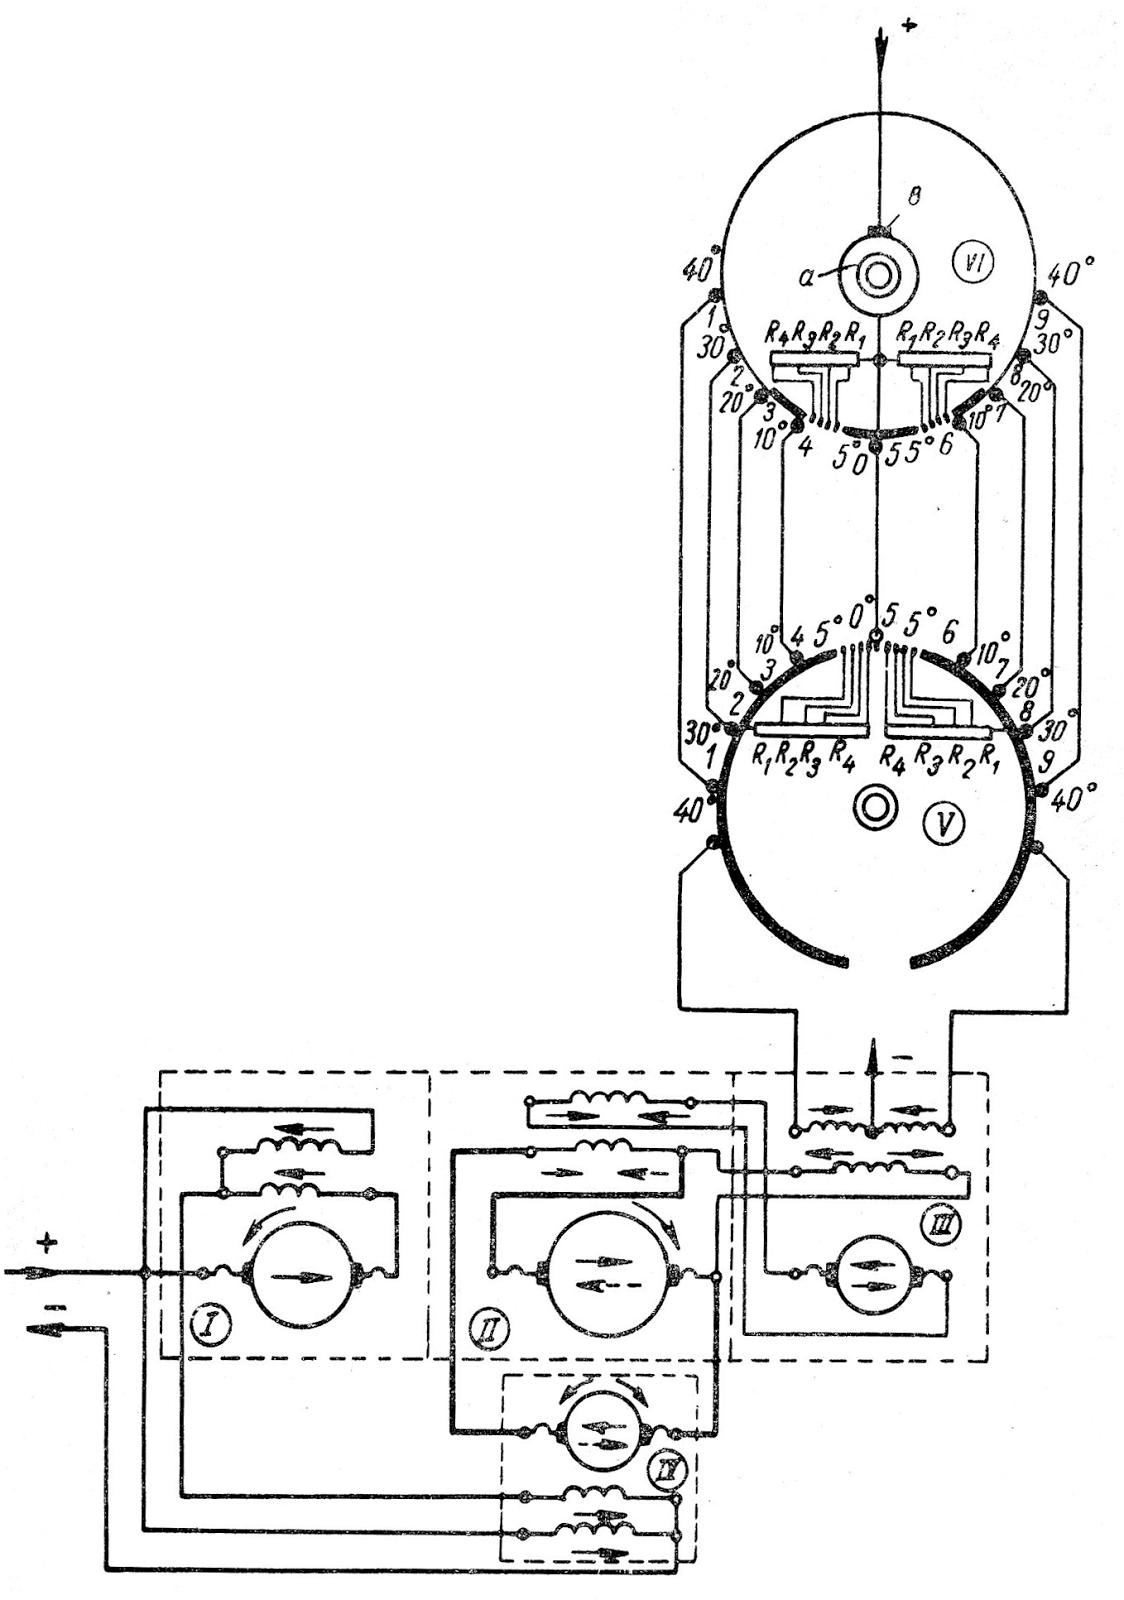 Принципиальная схема рулевого электропривода следящего действия